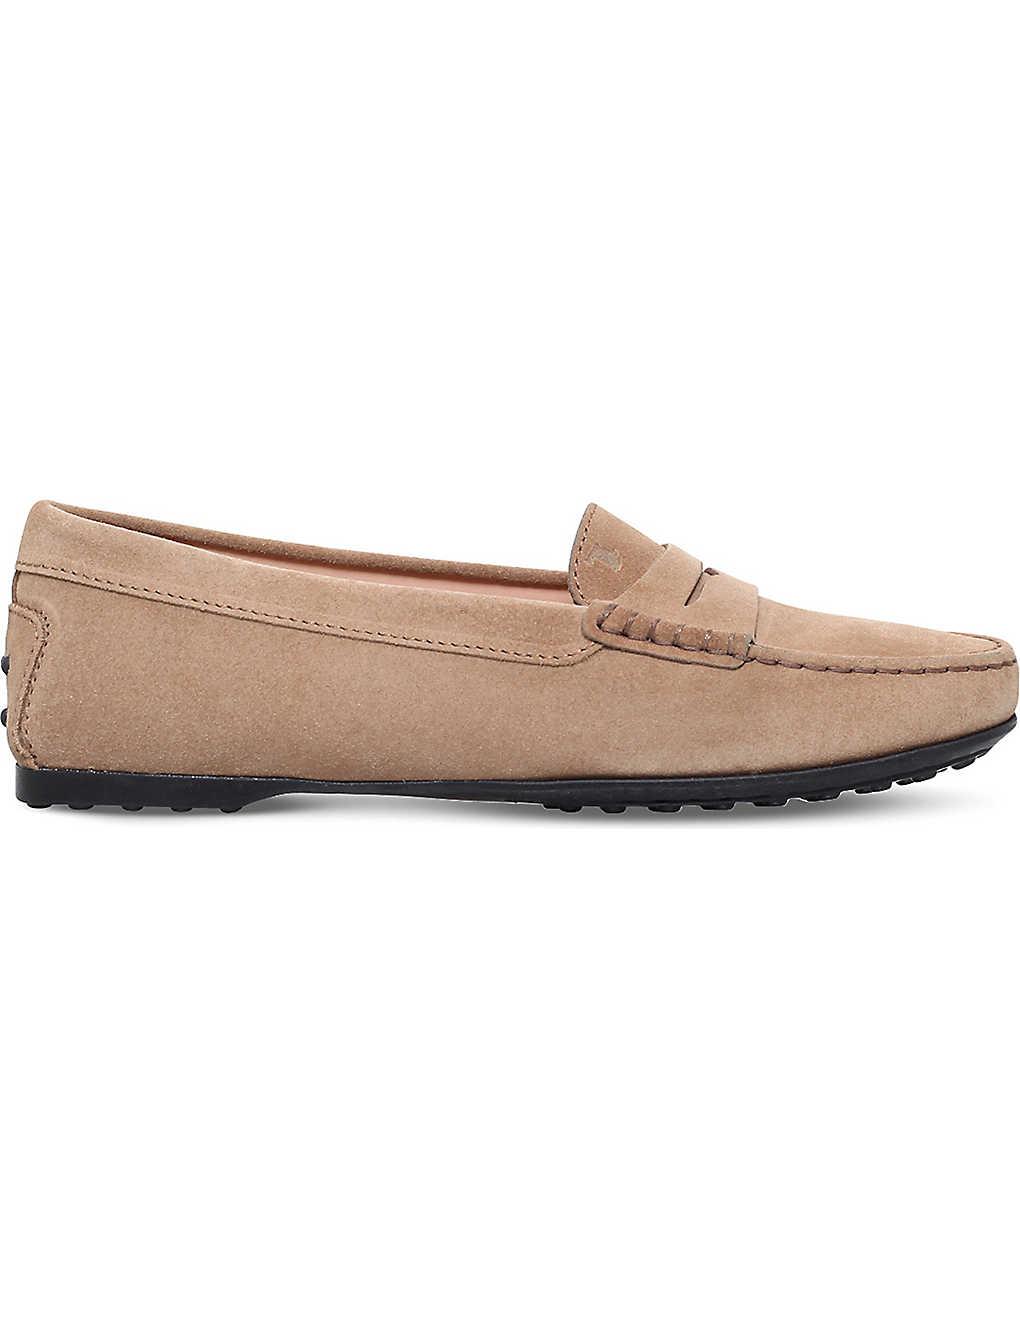 f89cc620e82 TODS - City Gommino suede loafers | Selfridges.com